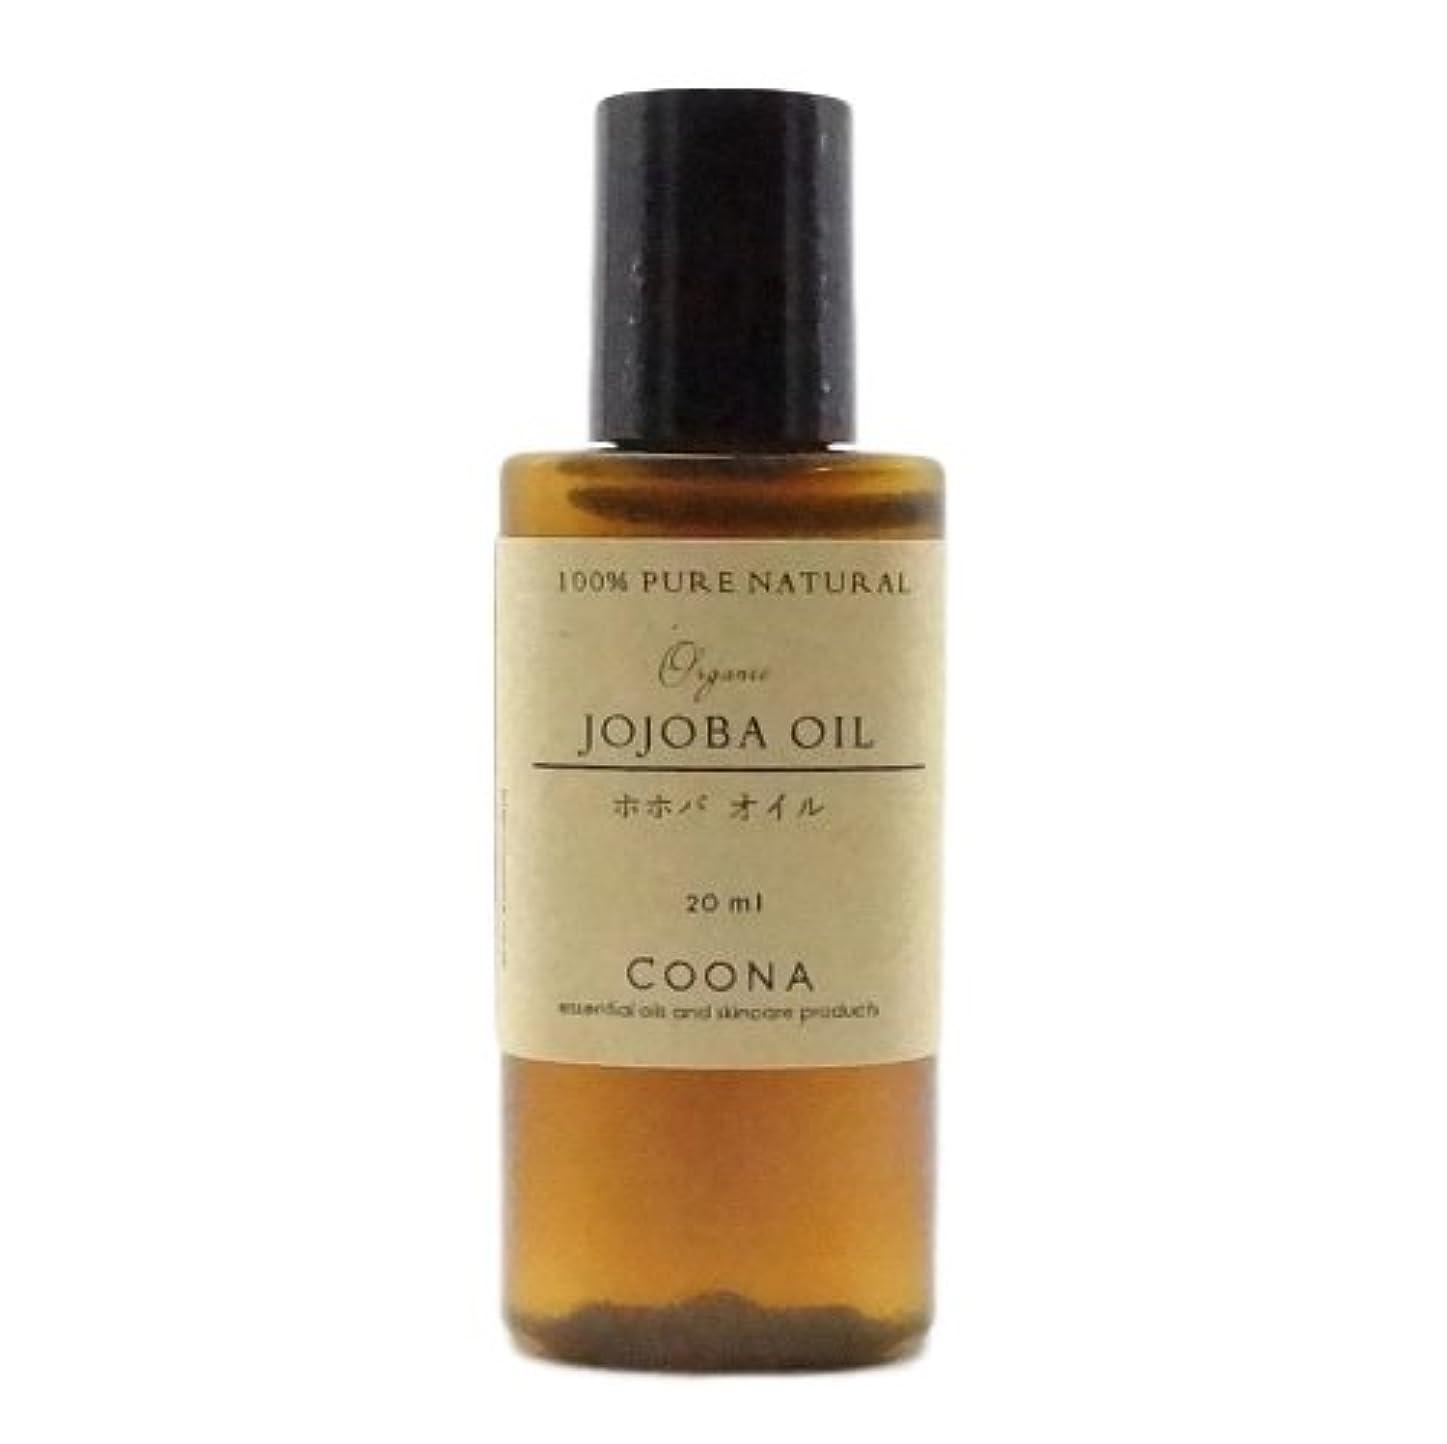 宿泊予防接種する伝染性のホホバオイル 20 ml (COONA キャリアオイル ベースオイル 100%ピュア ナチュラル 天然植物油)